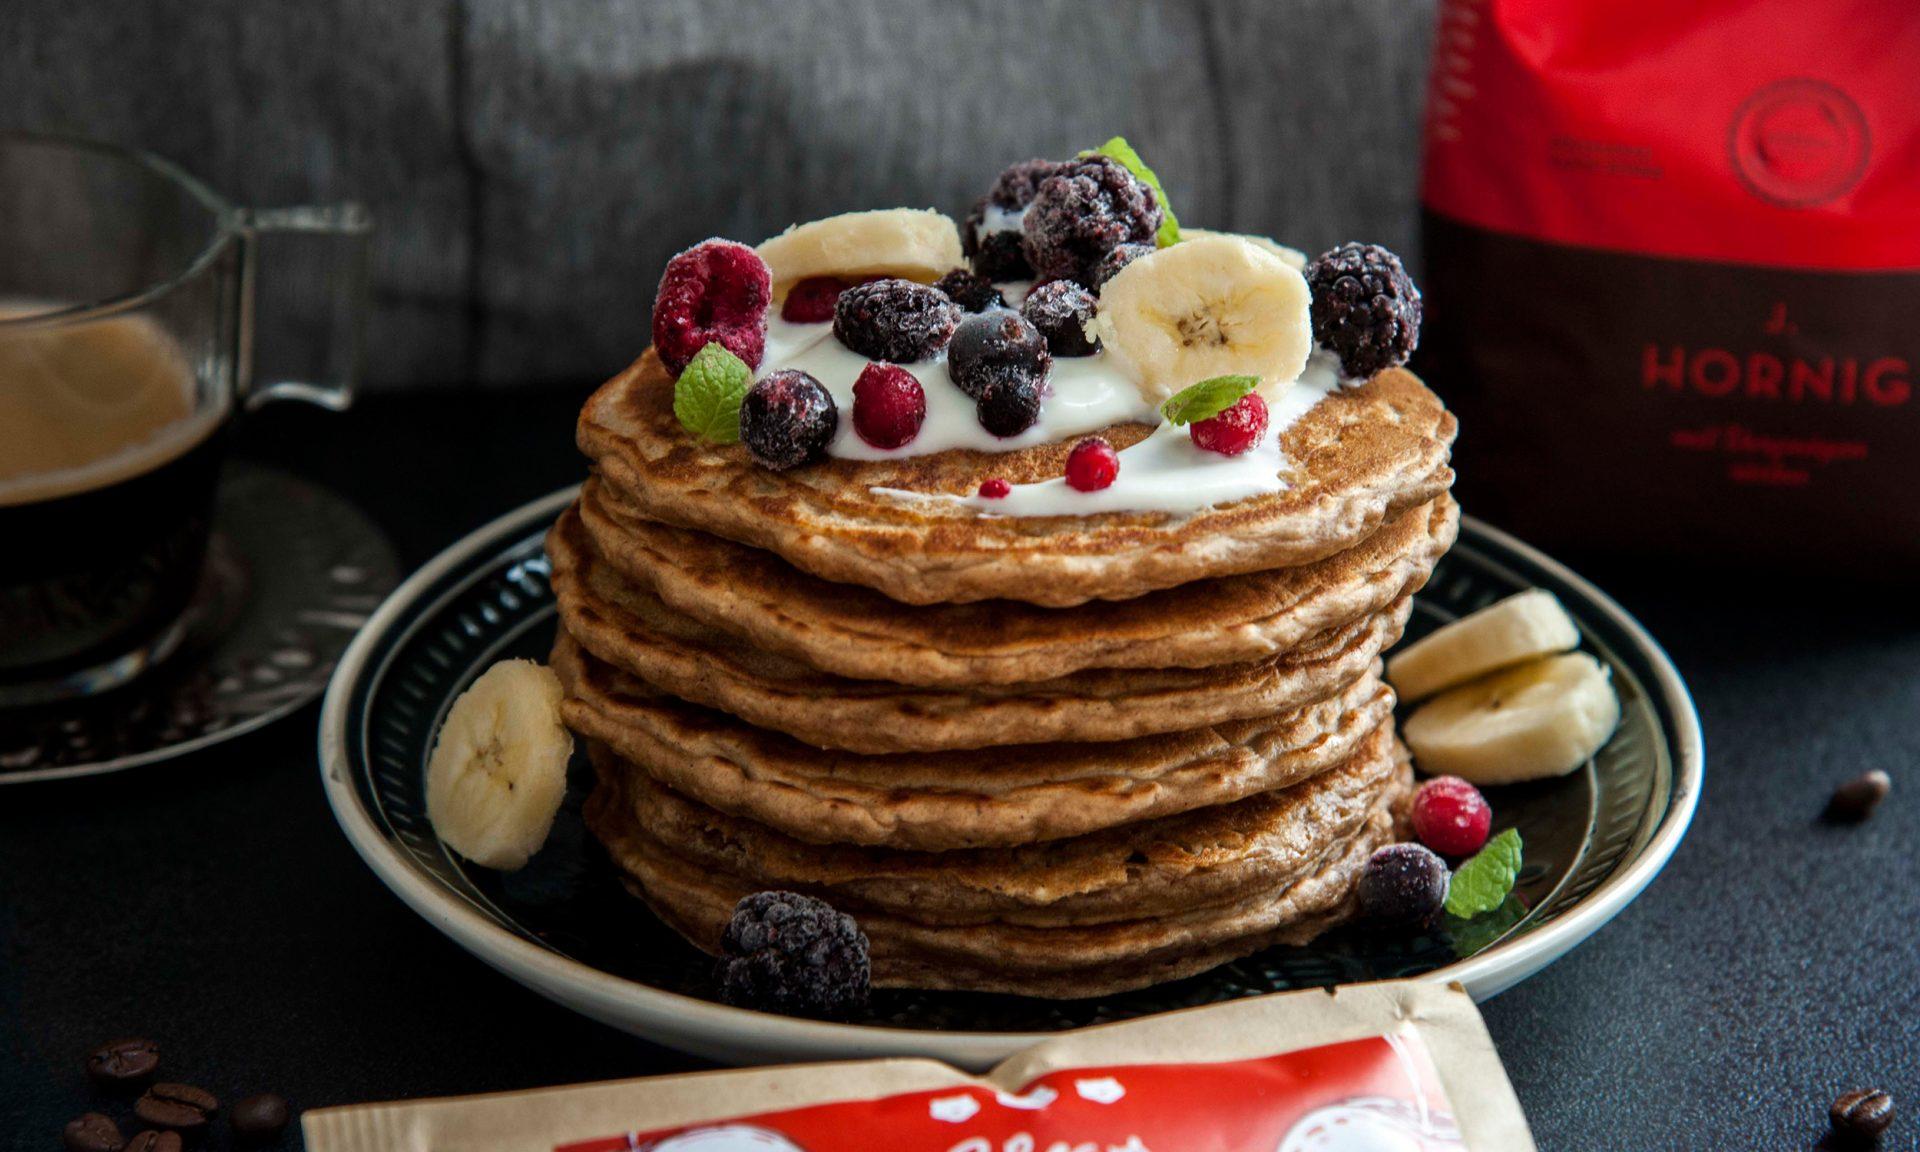 Köstliche Haferflocken-Kaffee-Pancakes | J. Hornig